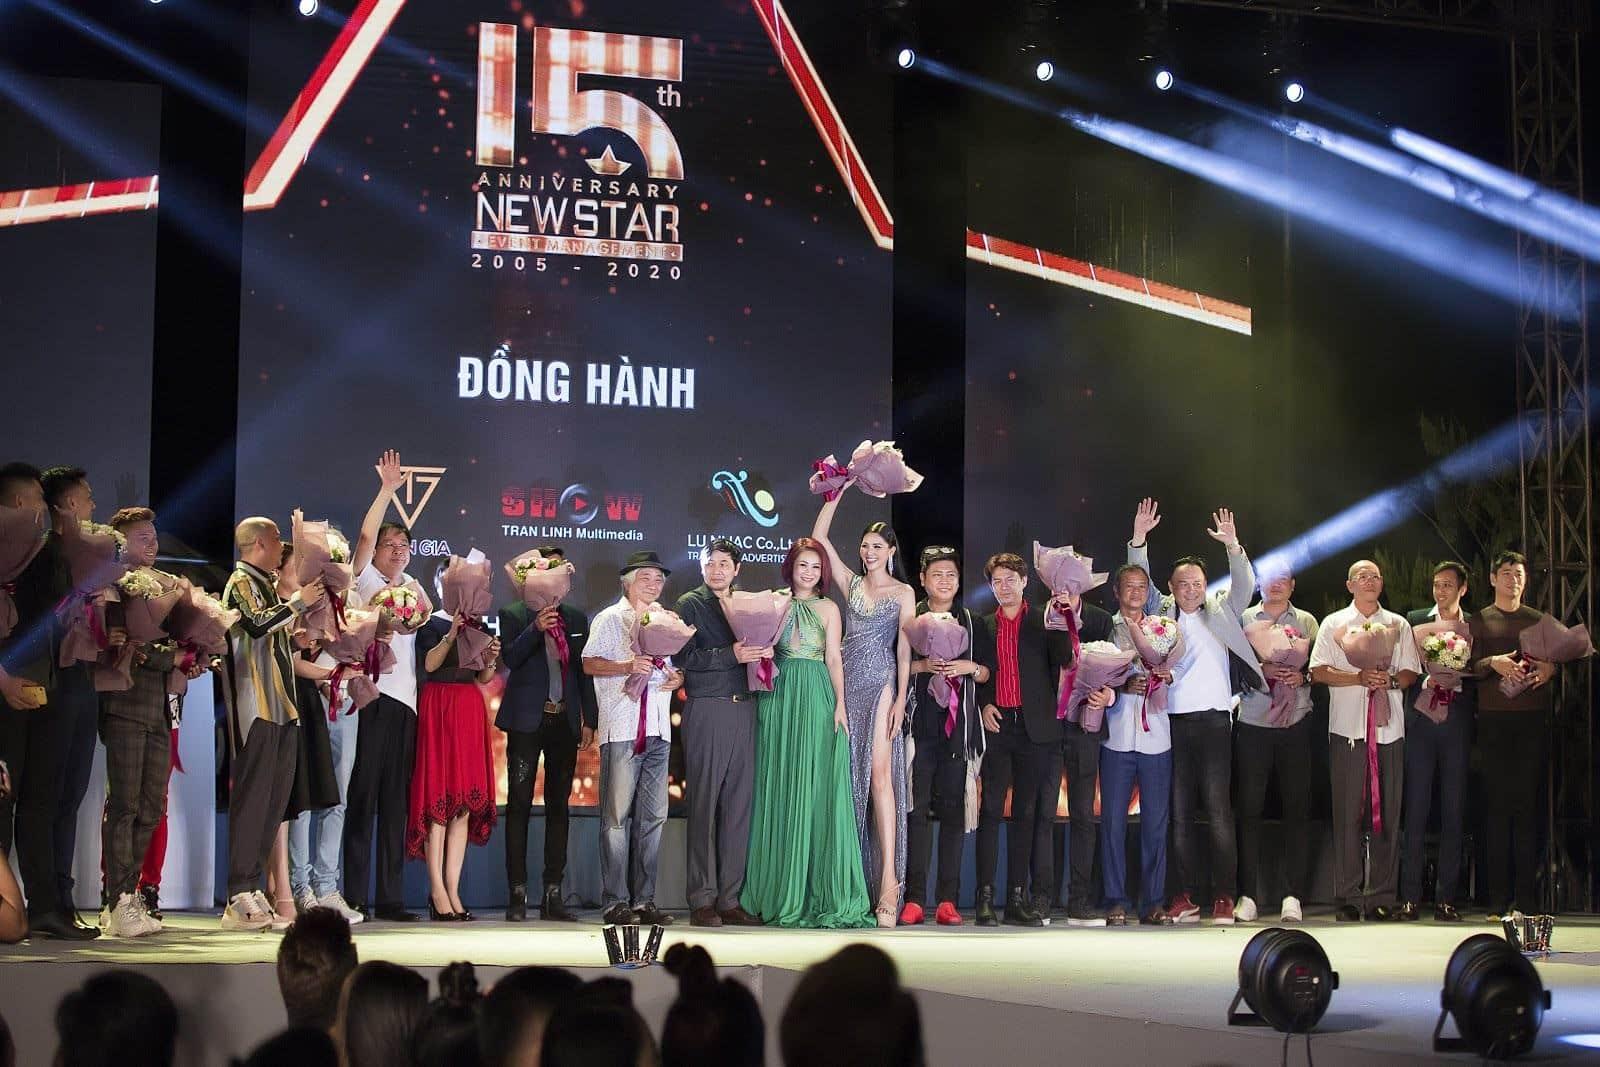 Dàn sao Việt nô nức trẩy hội Dạ tiệc Năm mới của công ty tổ chức sự kiện NewStar - Sao Việt - Việt Giải Trí